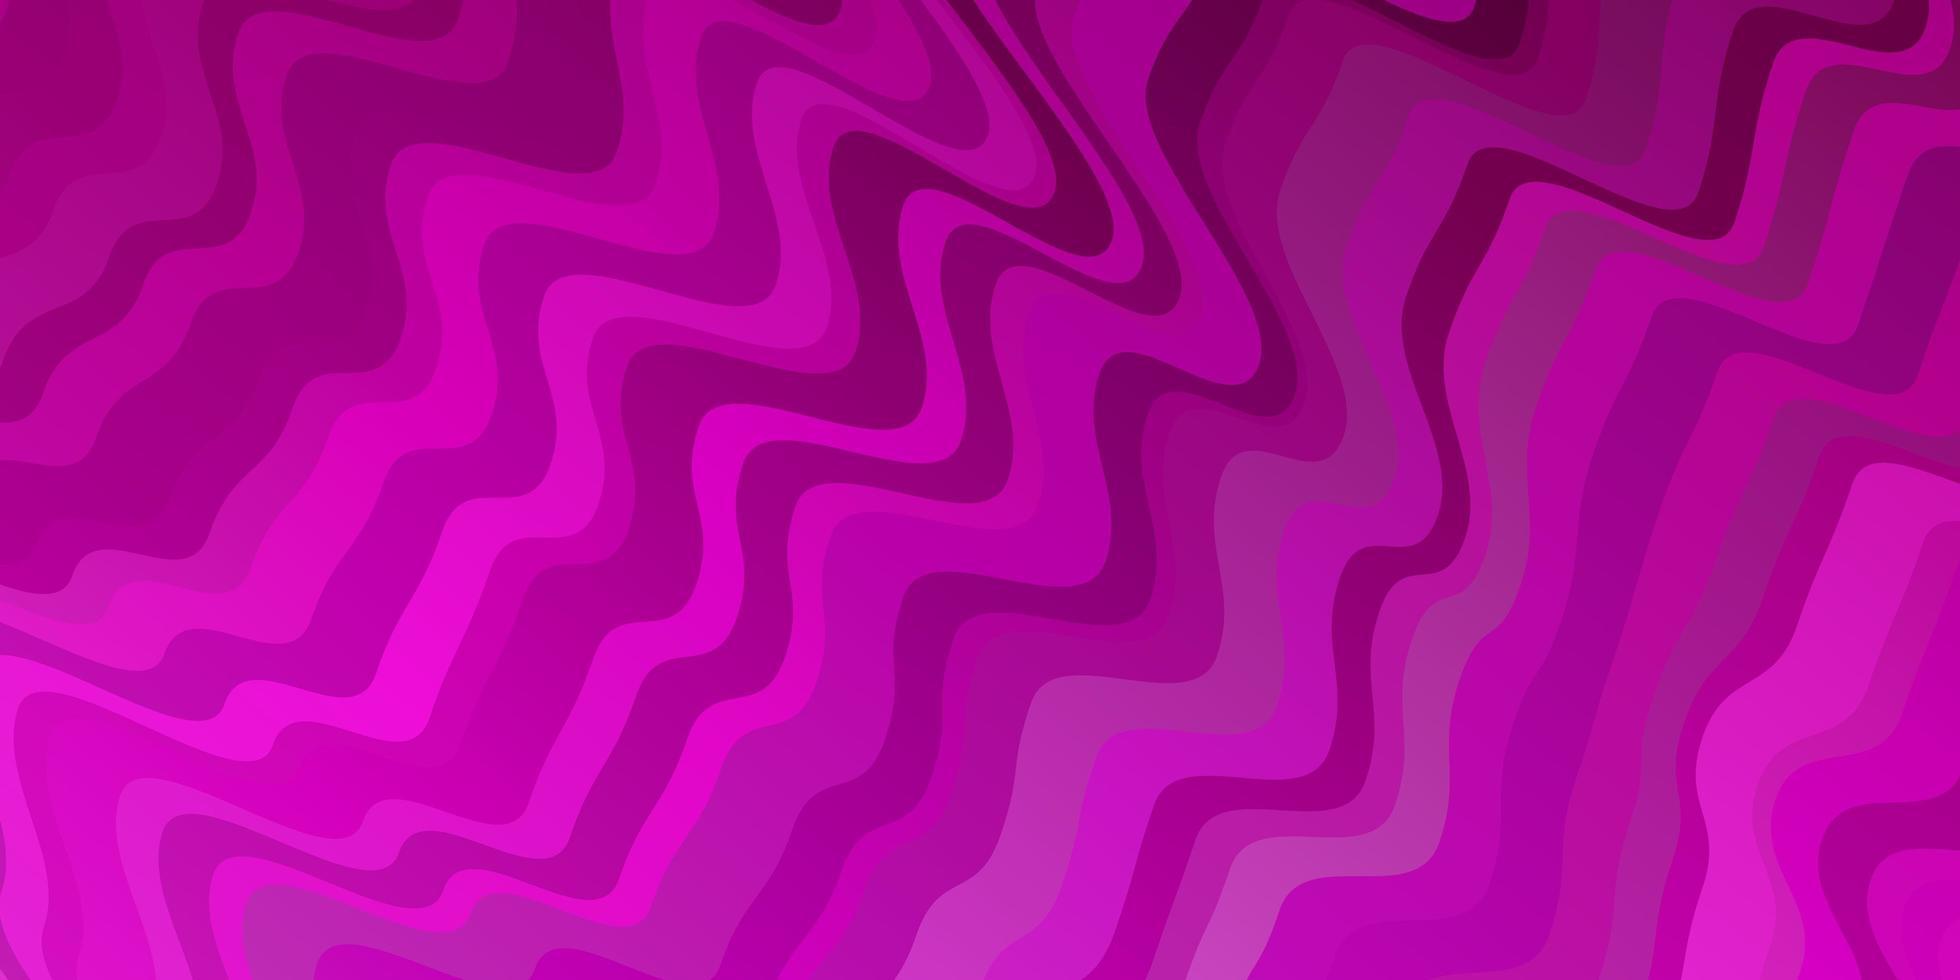 rosa Hintergrund mit gebogenen Linien. vektor